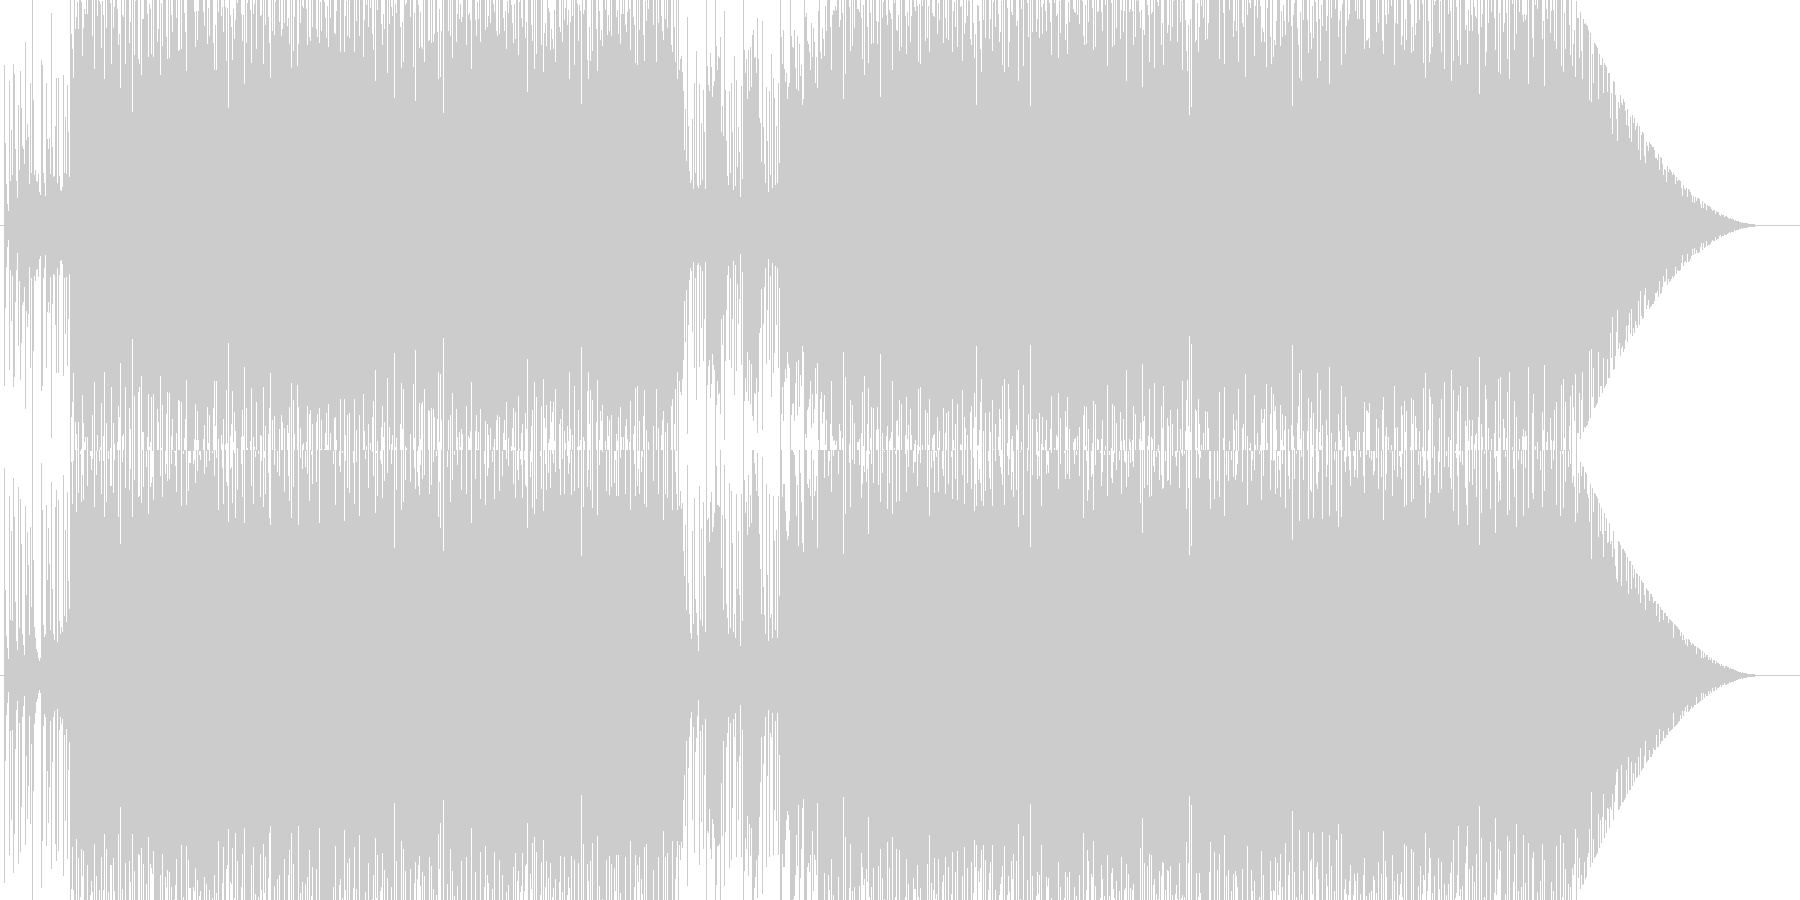 生々しくない軽快なラテン音楽の未再生の波形